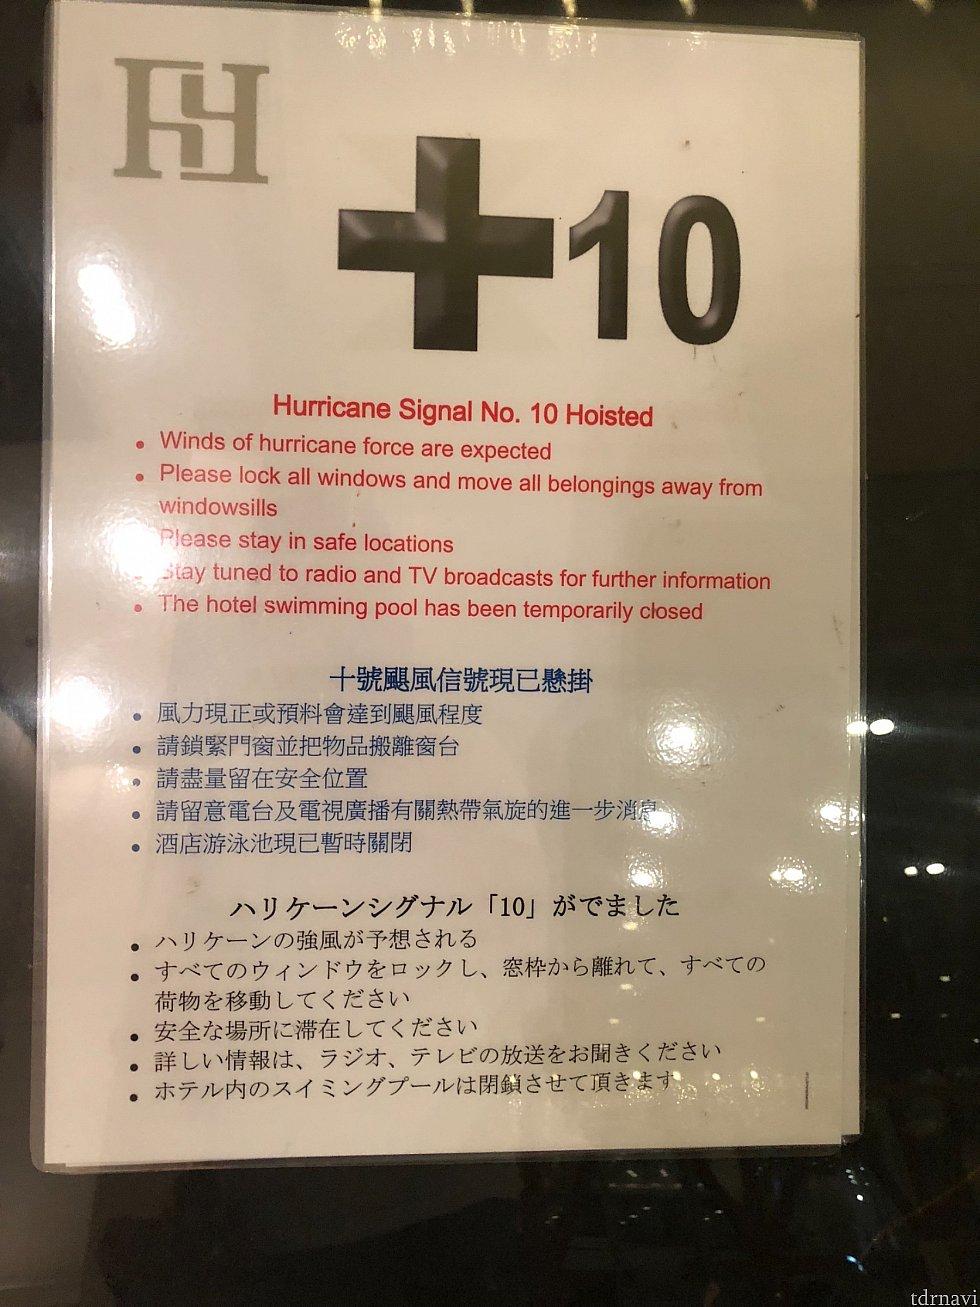 シグナル8以上で香港の会社はお休みです。 今回は最大のシグナル10